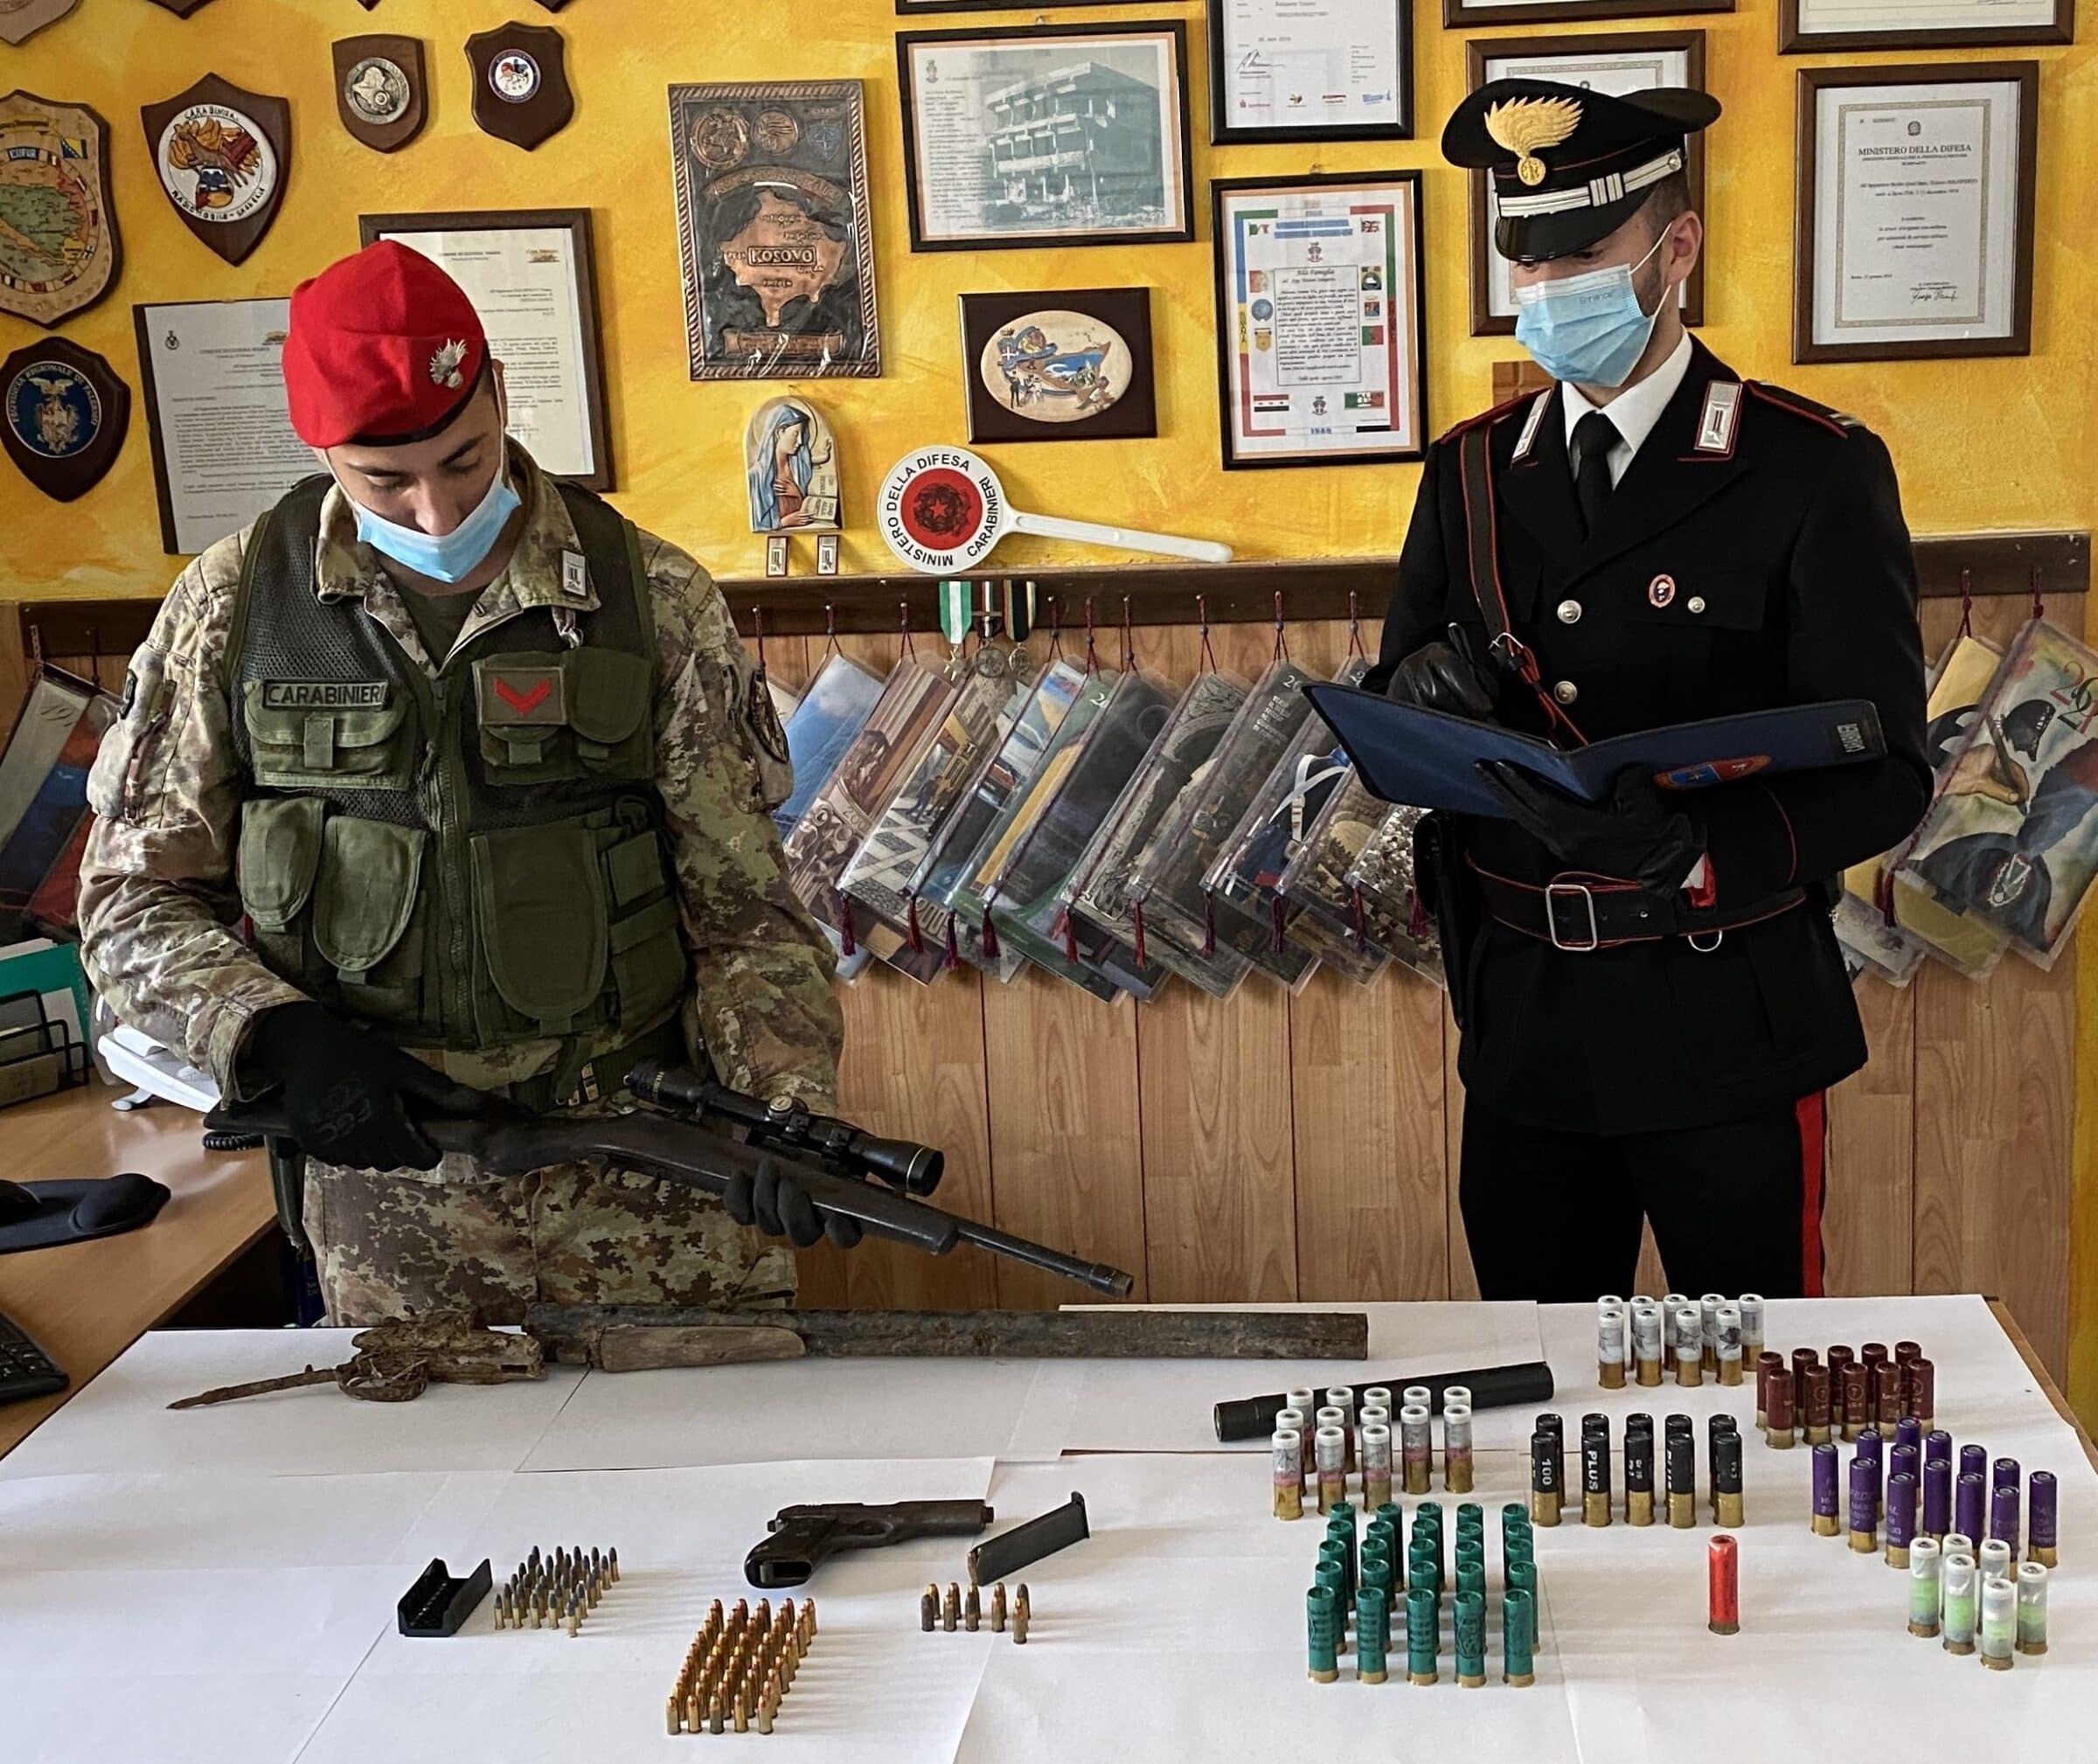 Armi clandestine e scorta di munizioni nascoste in casa, in manette 50enne siciliano